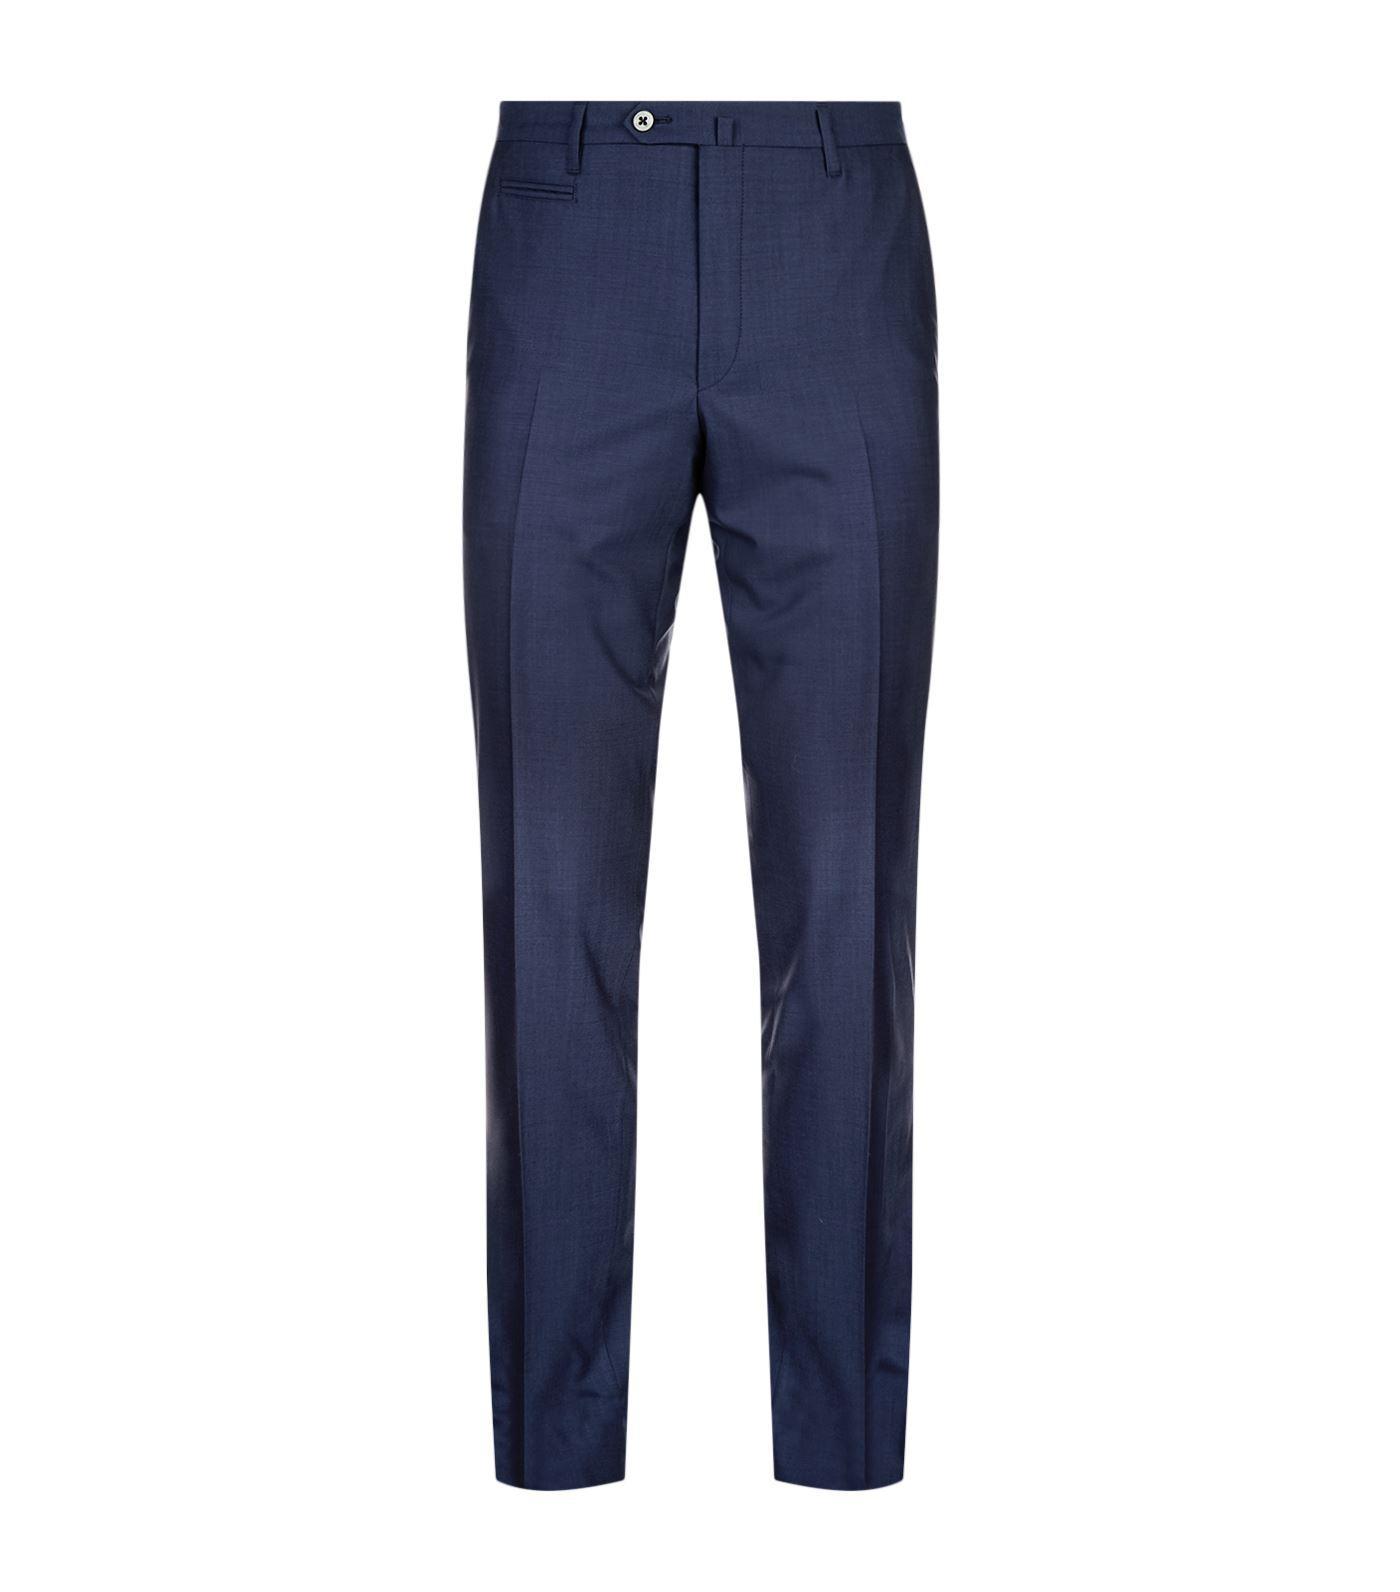 Corneliani Virgin Wool Trousers In Navy